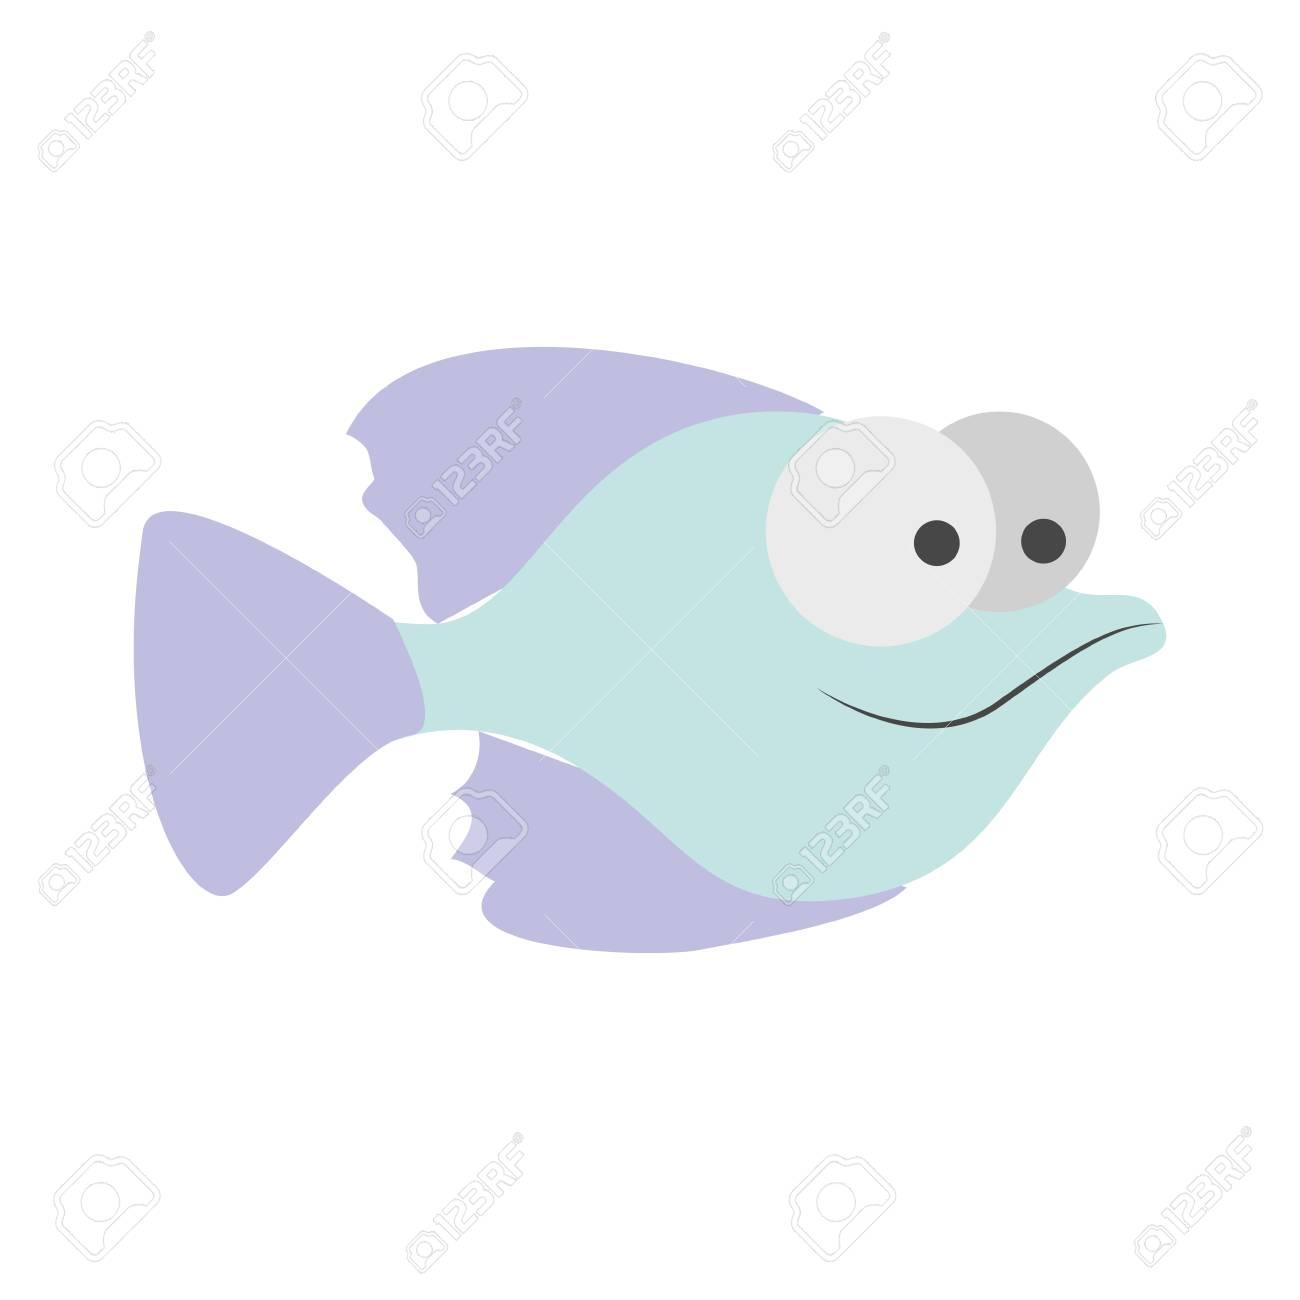 Fein Fische Färben Bilder Fotos - Druckbare Malvorlagen - amaichi.info